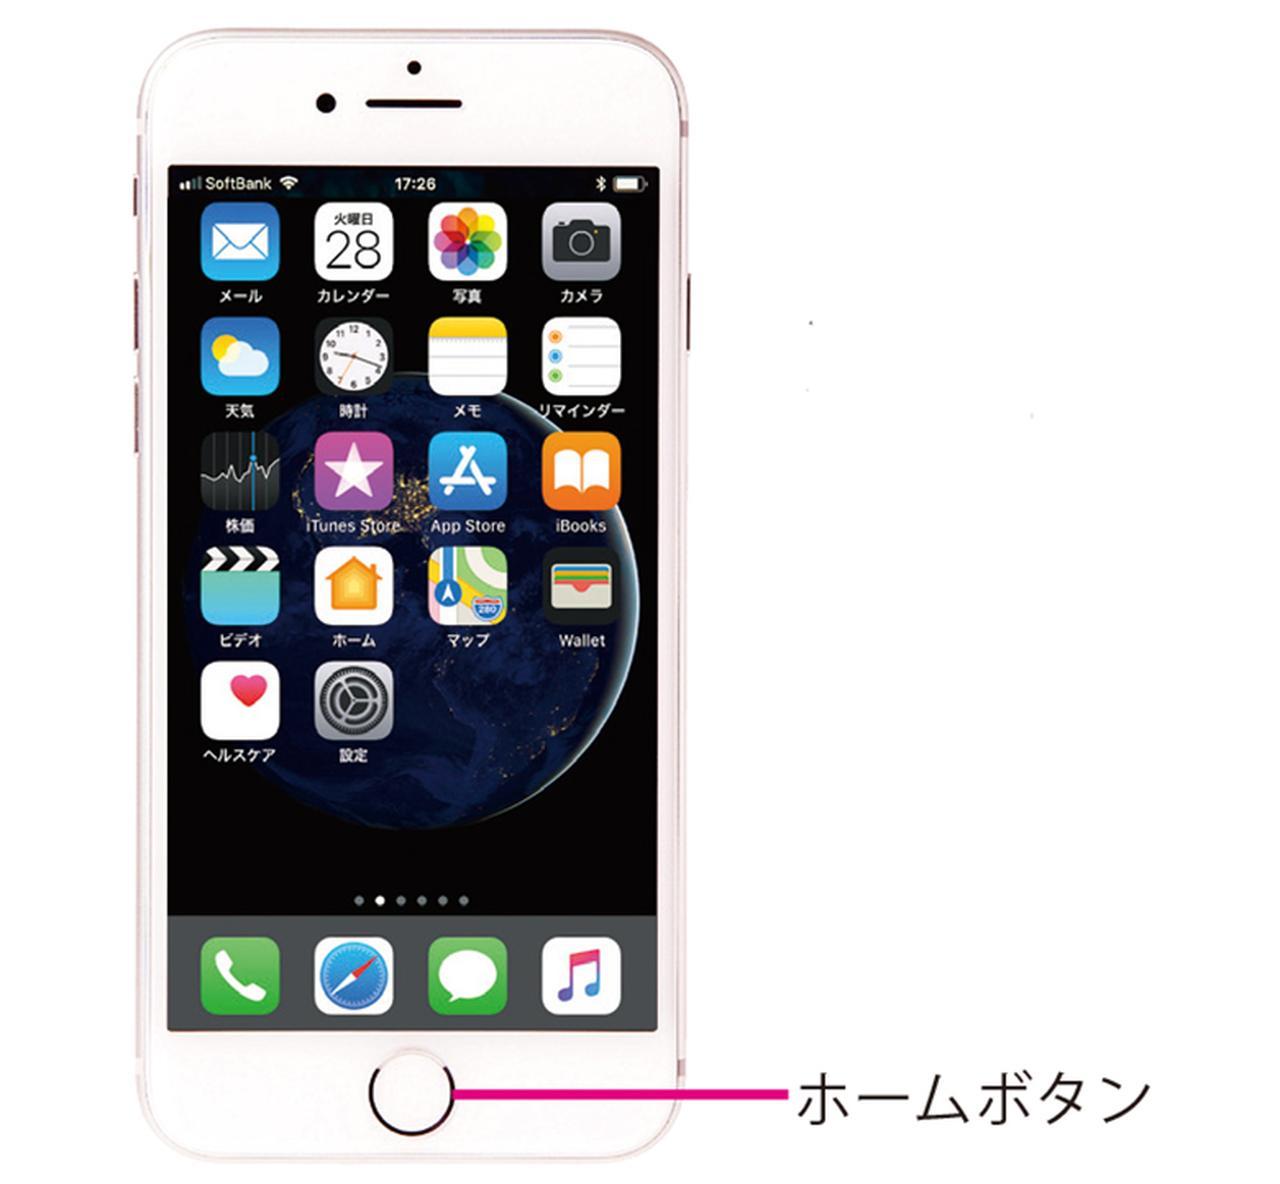 画像3: 【iPhone&Android比較】各部の名称は?スマホの外観をチェックしよう